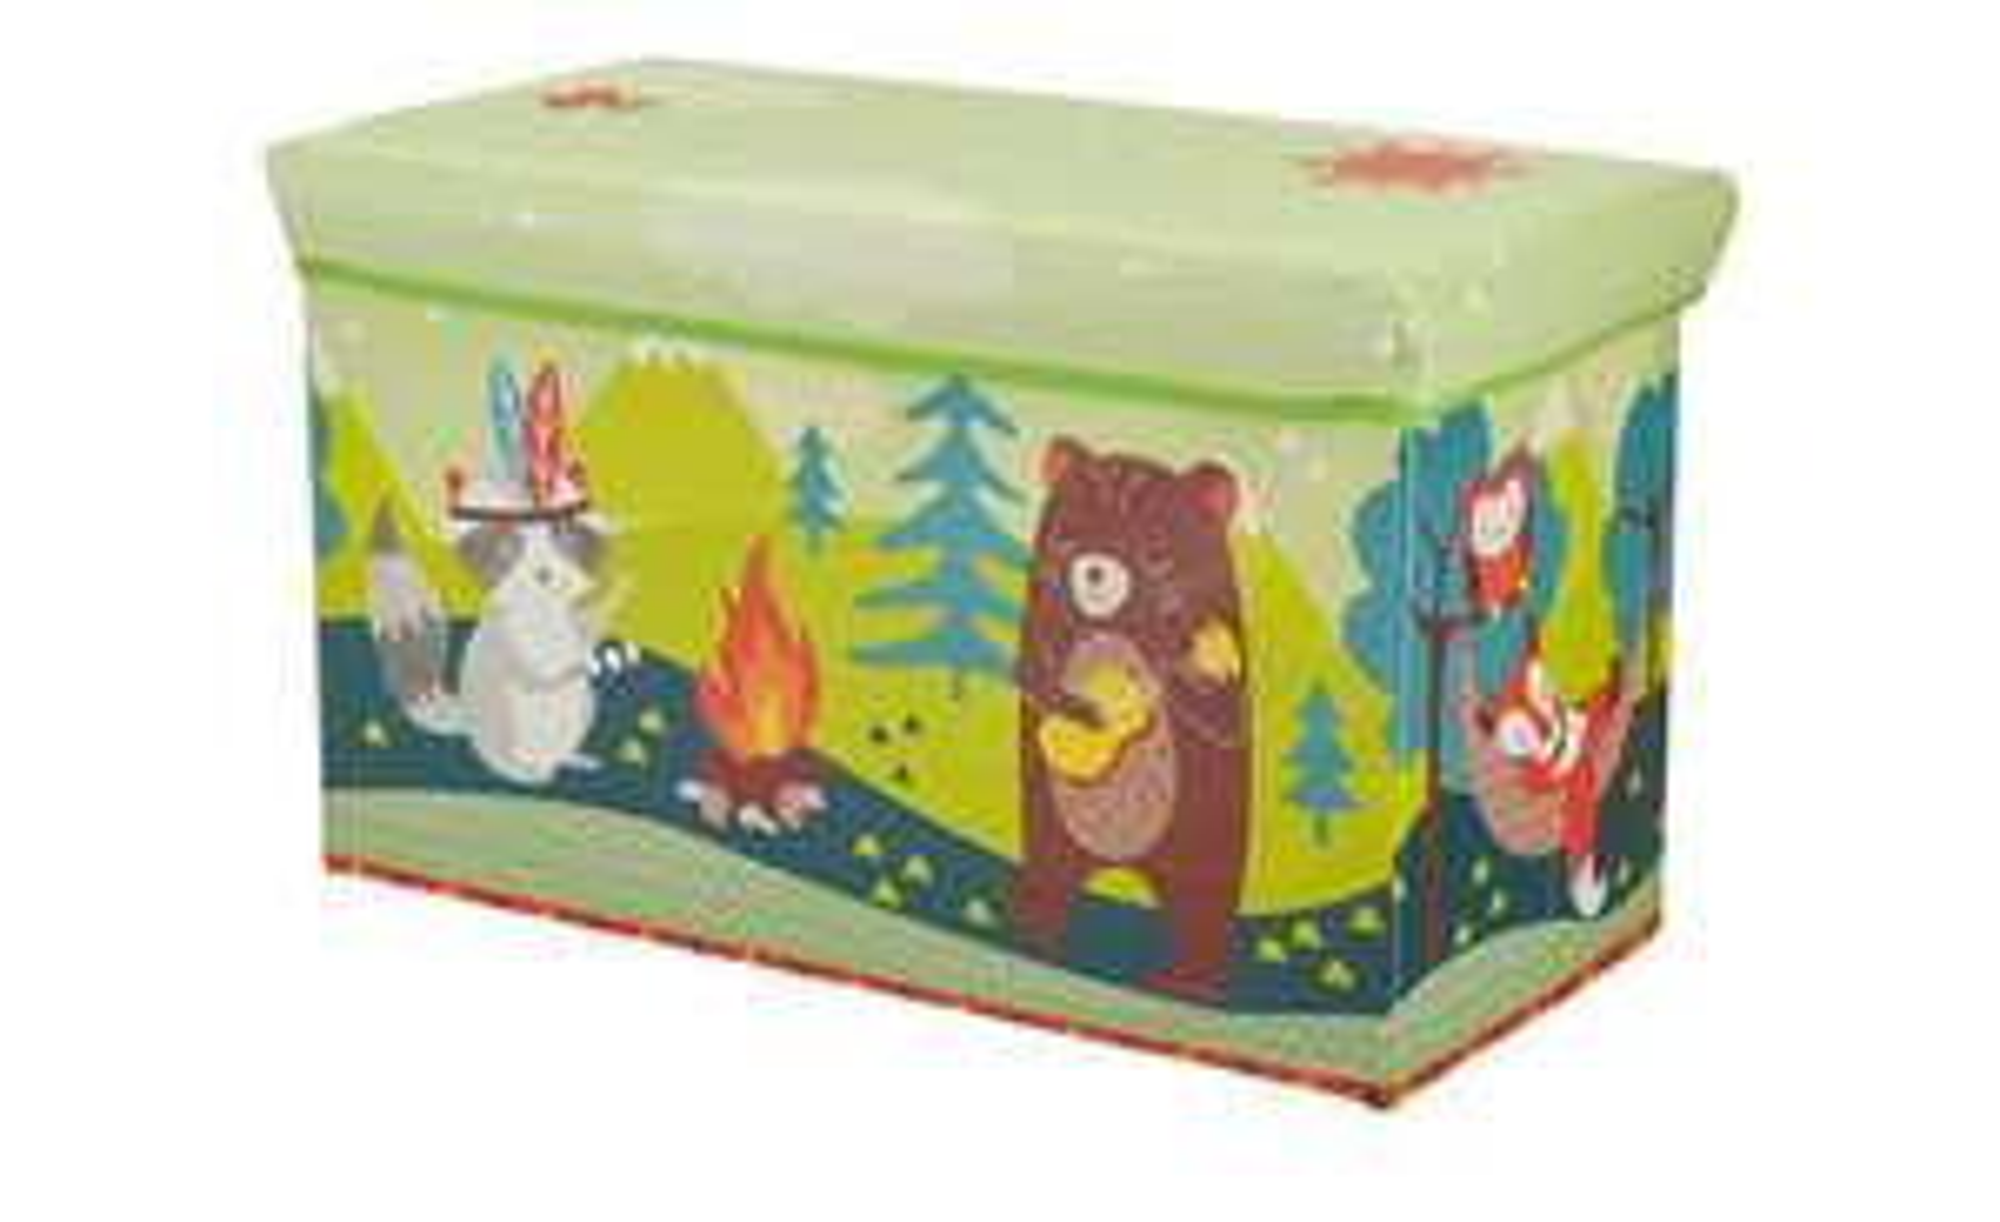 Sitzbank mit Stauraum Waldtiere für Kinder (verschiedene Modelle) Höffner Click&Collect oder zusätzliche Versandkosten